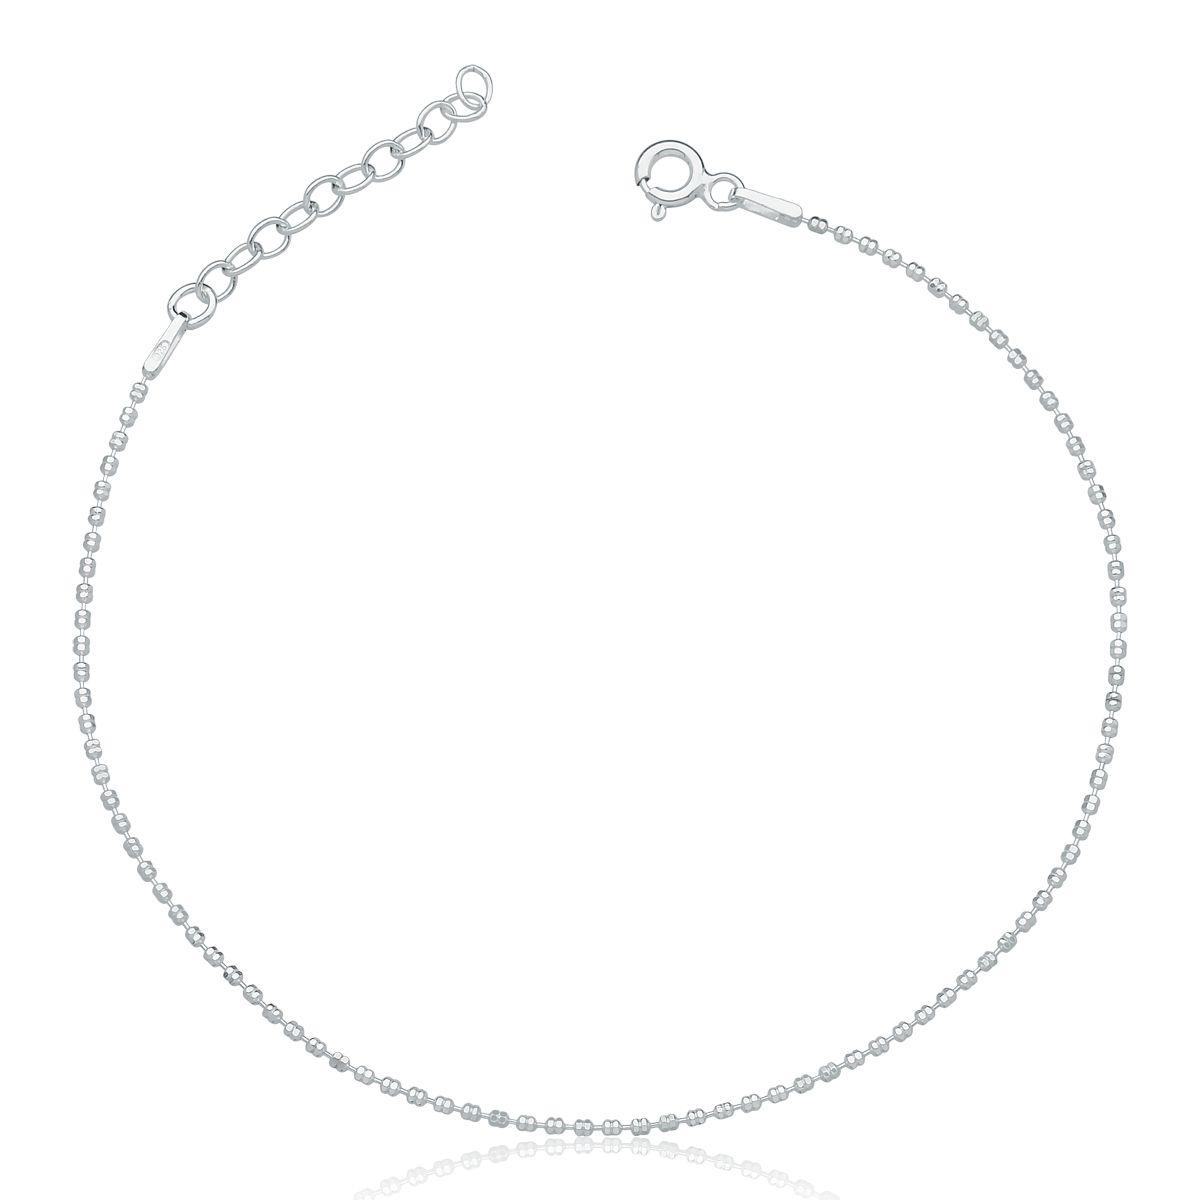 Pulseira Bolinha Diamantada - Prata 925